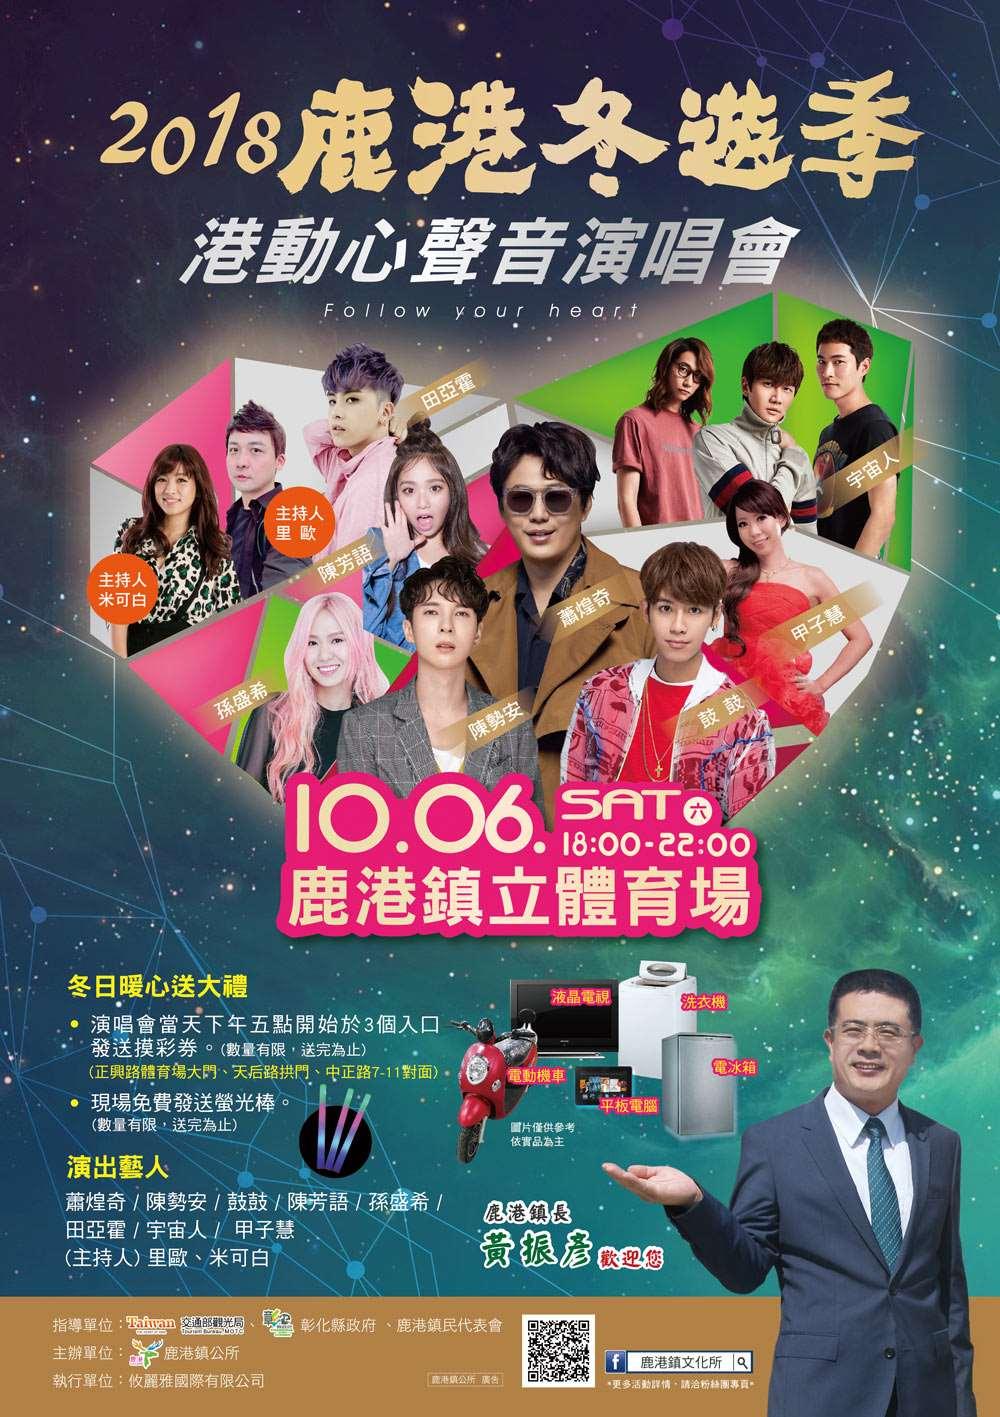 2018鹿港冬遊季-港動心聲音演唱會於10月6日於鹿港鎮立體育場舉行